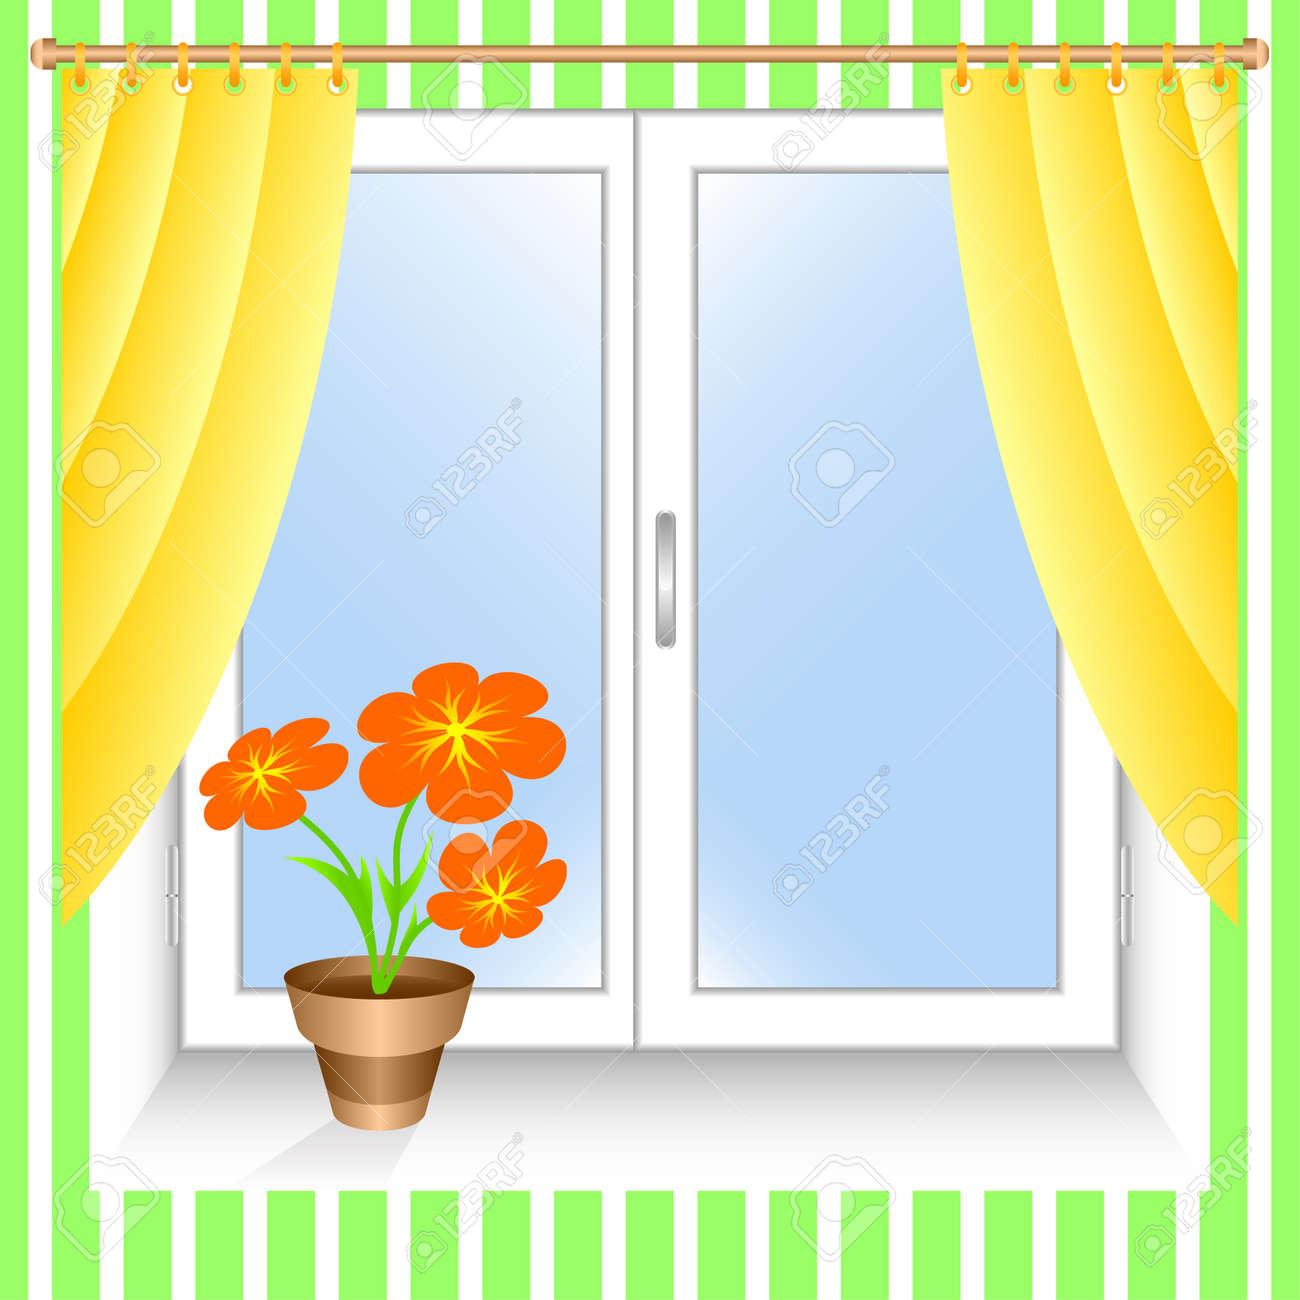 Fenster geschlossen clipart  Fenster Und Gelb Vorhänge. Ein Blumentopf Auf Dem Fensterbrett ...